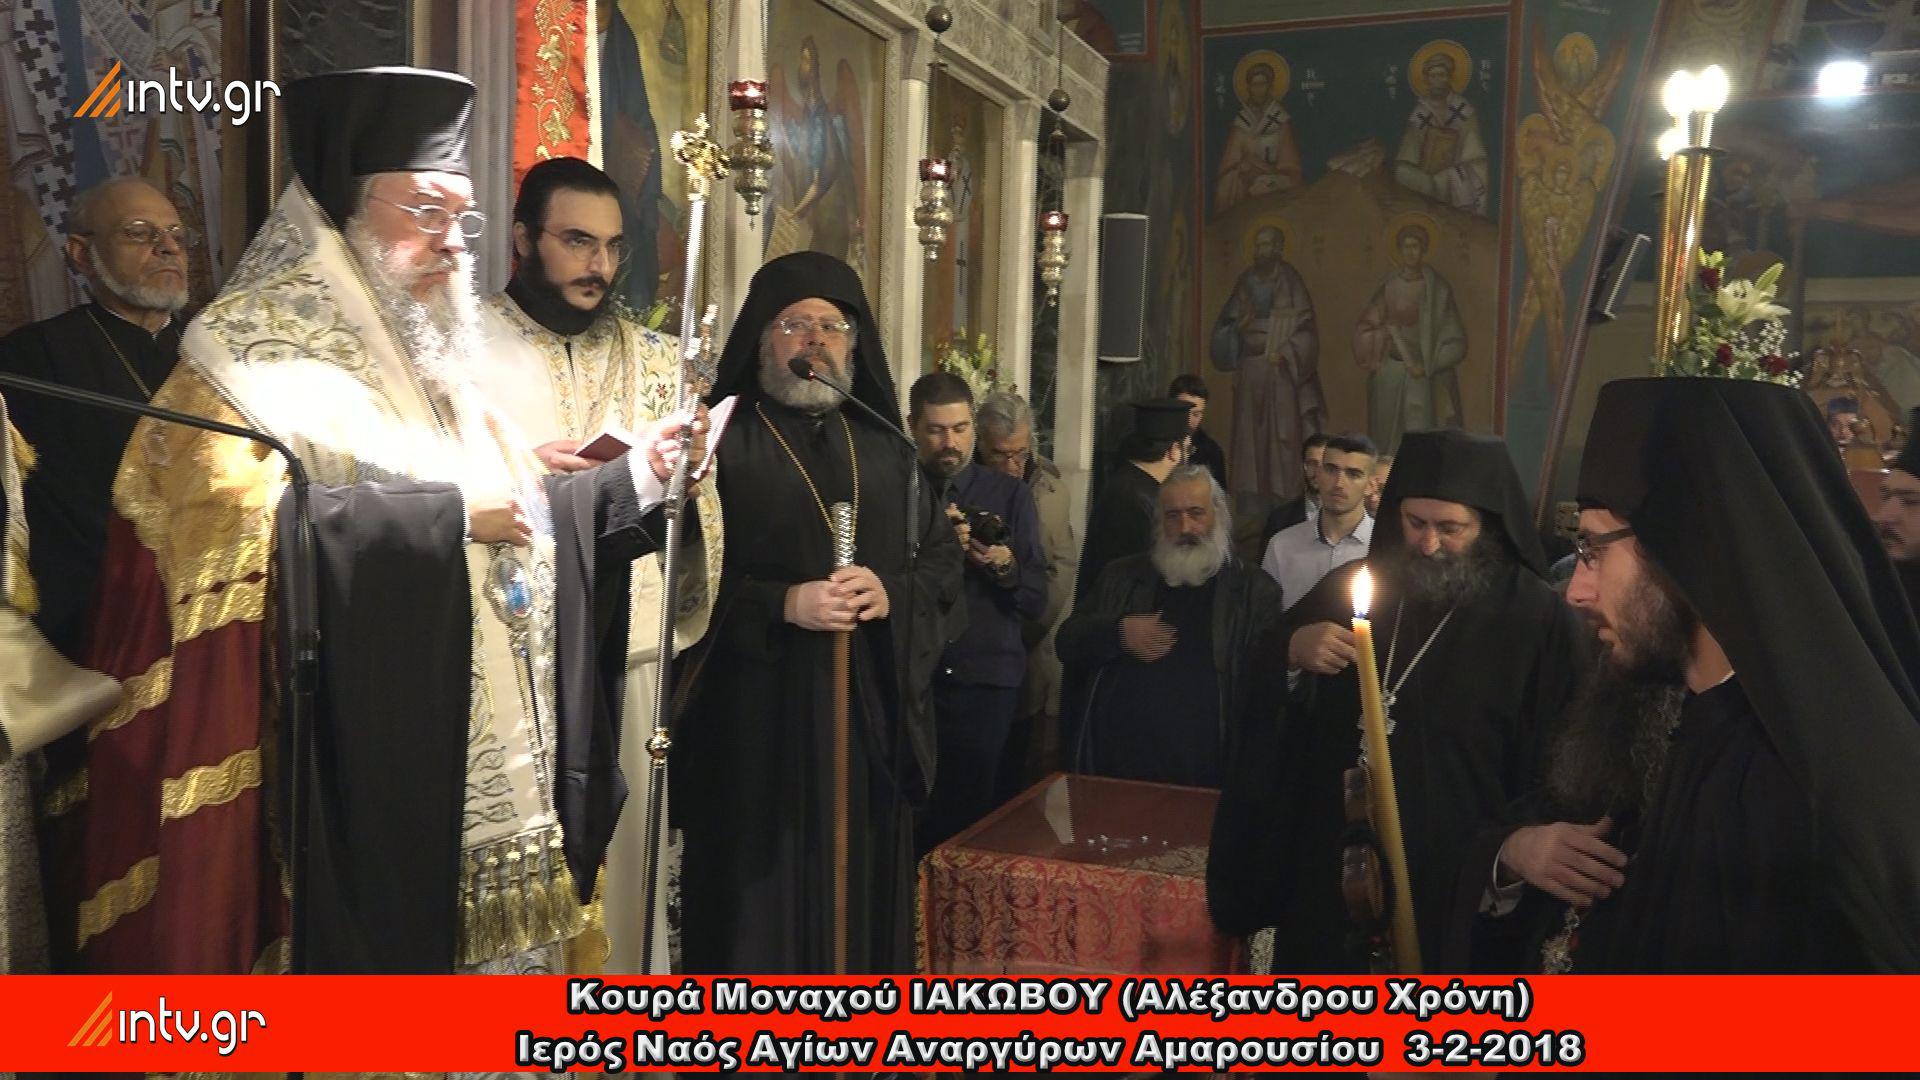 Κουρά Μοναχού ΙΑΚΩΒΟΥ (Αλέξανδρου Χρόνη) - Ιερός Ναός Αγίων Αναργύρων Αμαρουσίου